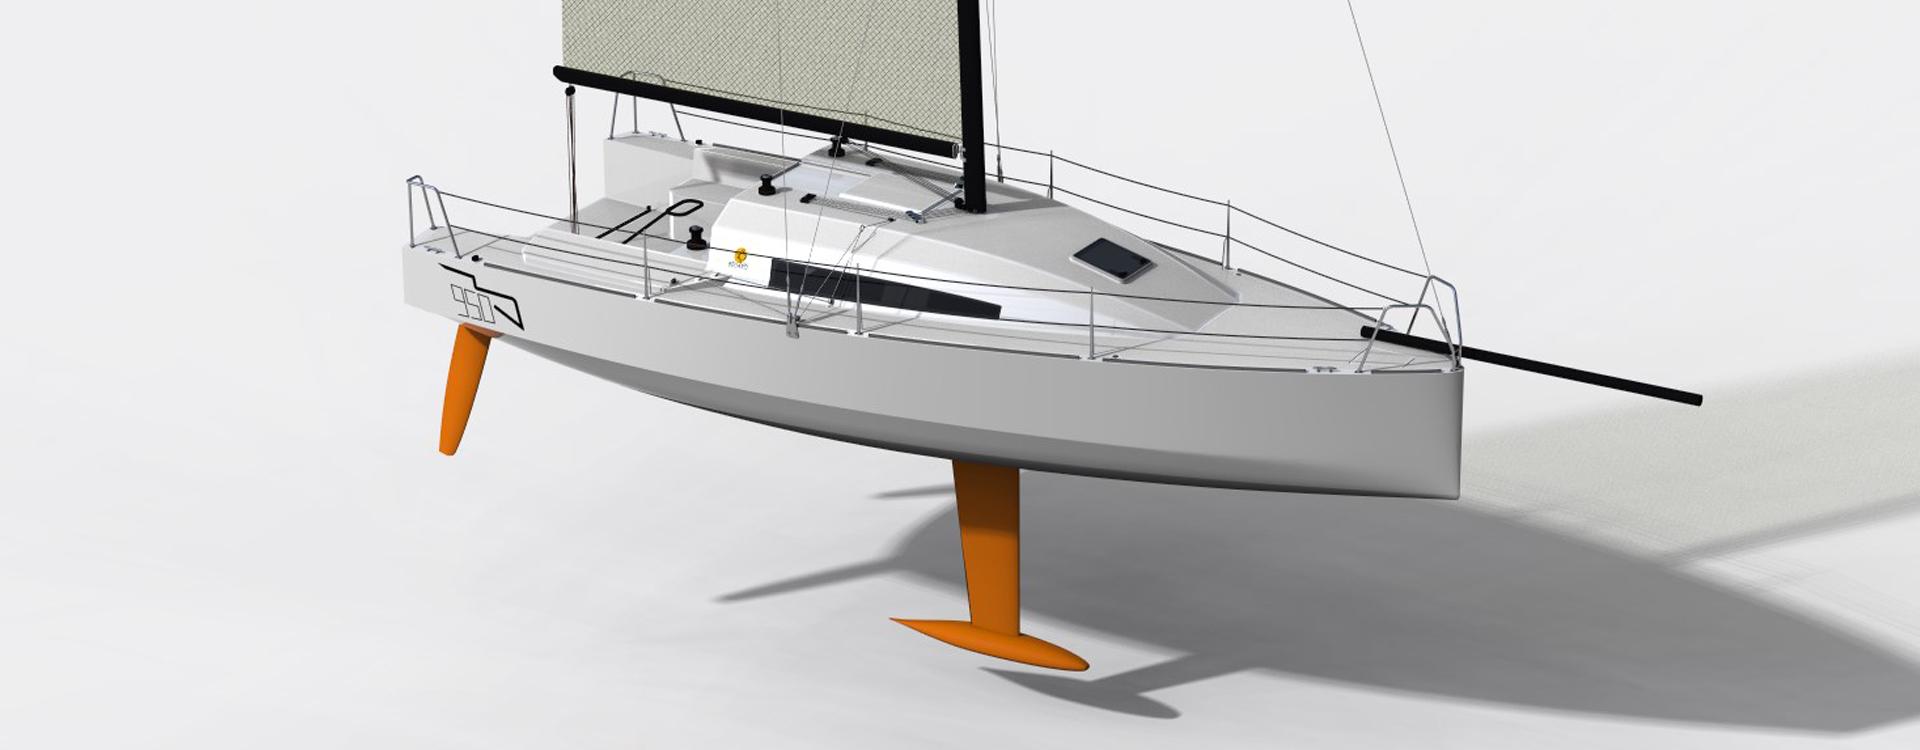 Classe 950 course au large voile voilier